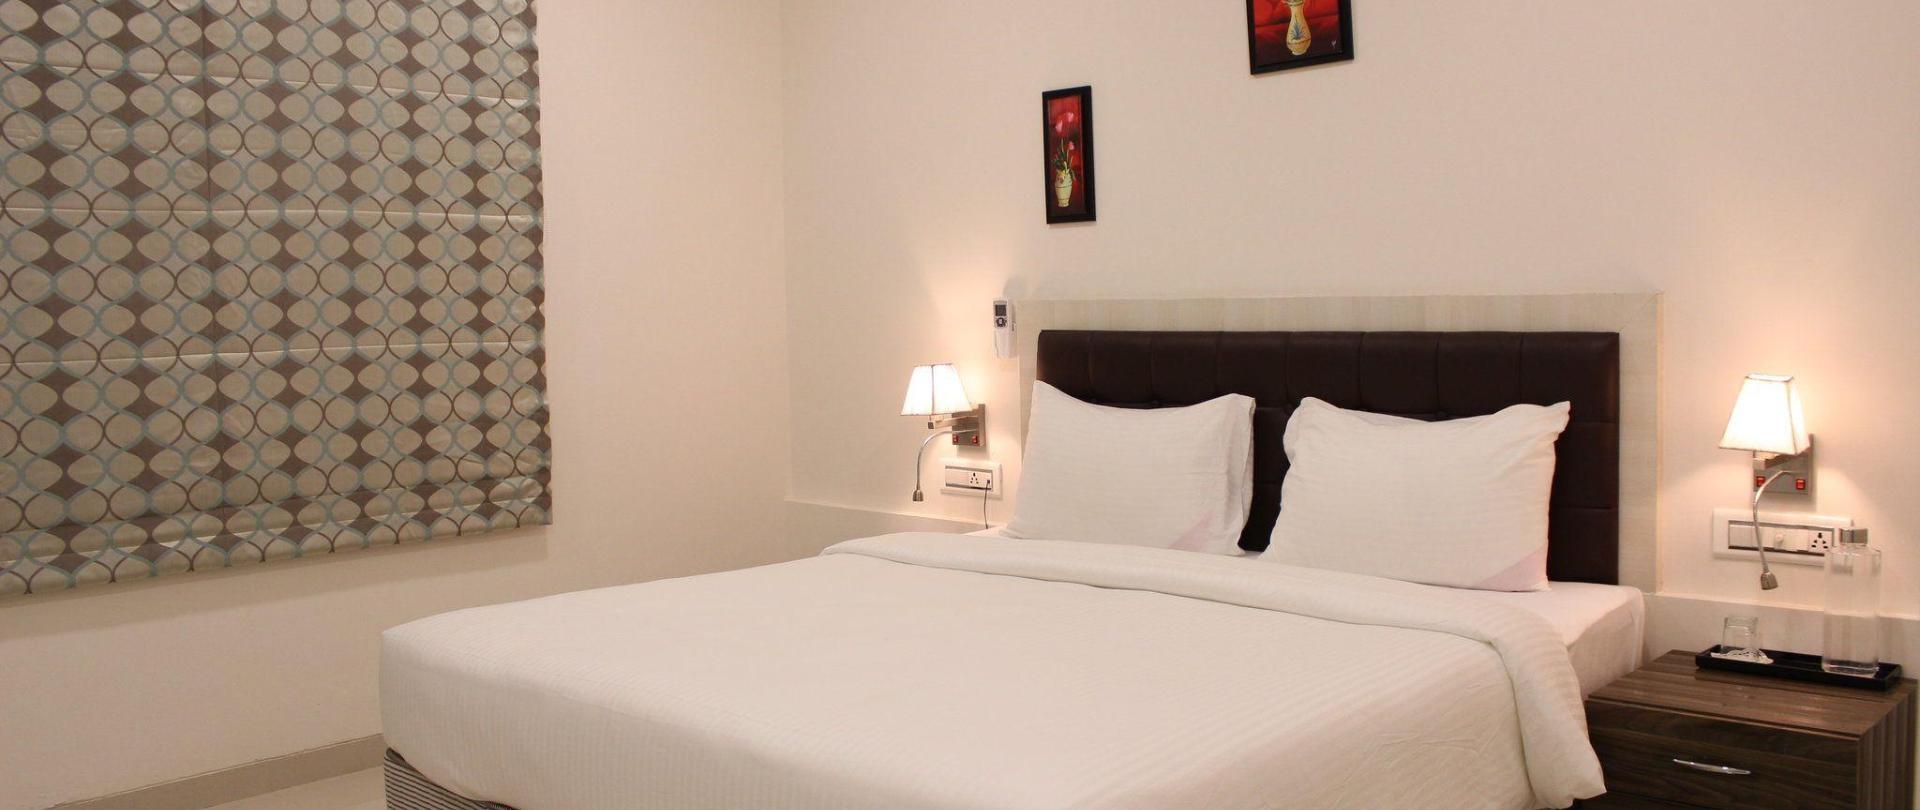 standard-room1.JPG